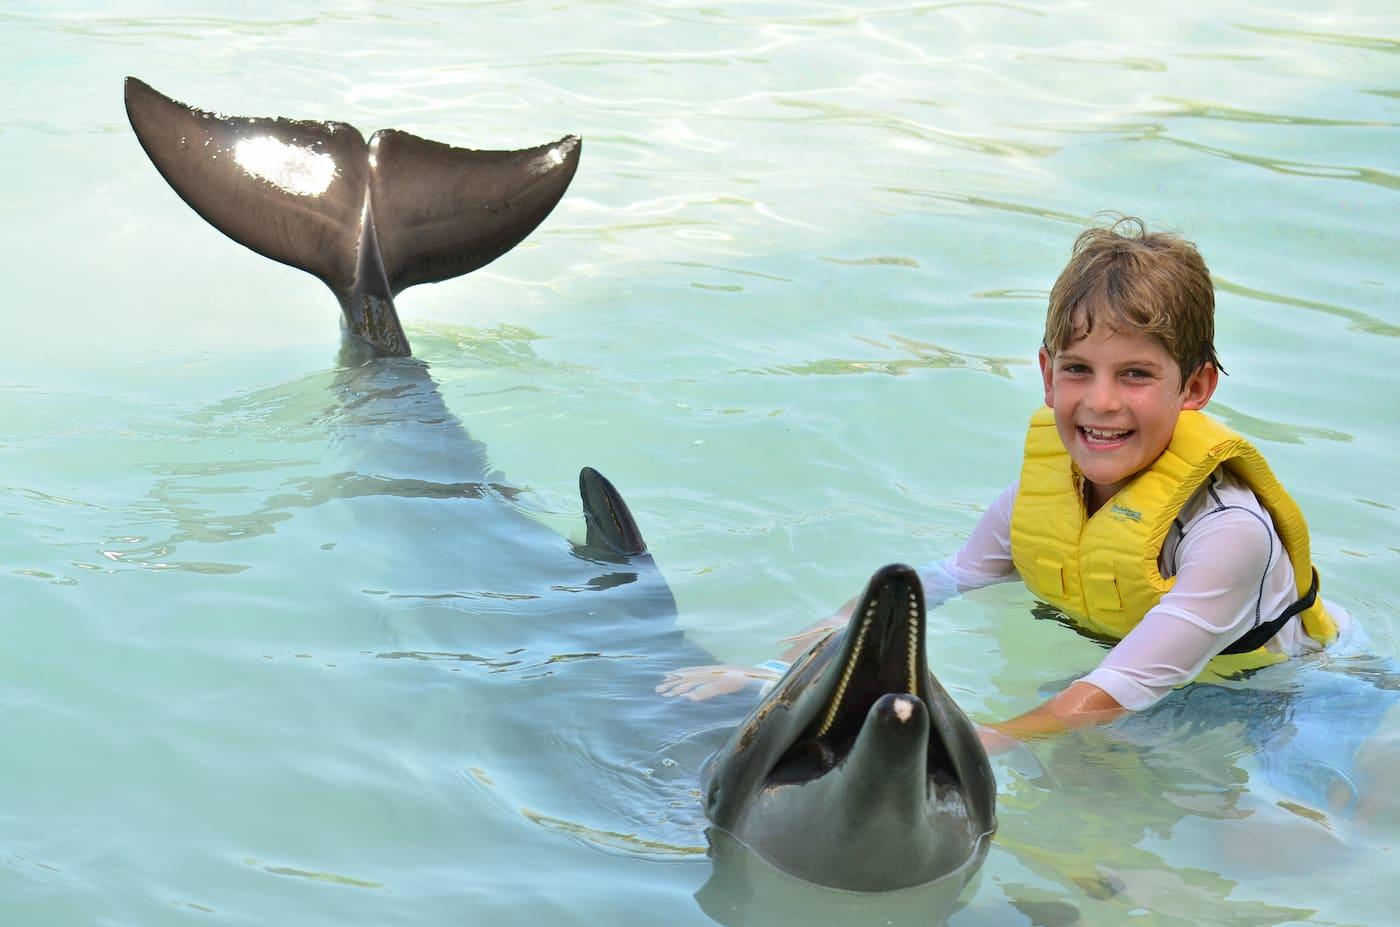 ¿Cómo cuidarse del sol sin dañar a los delfines?